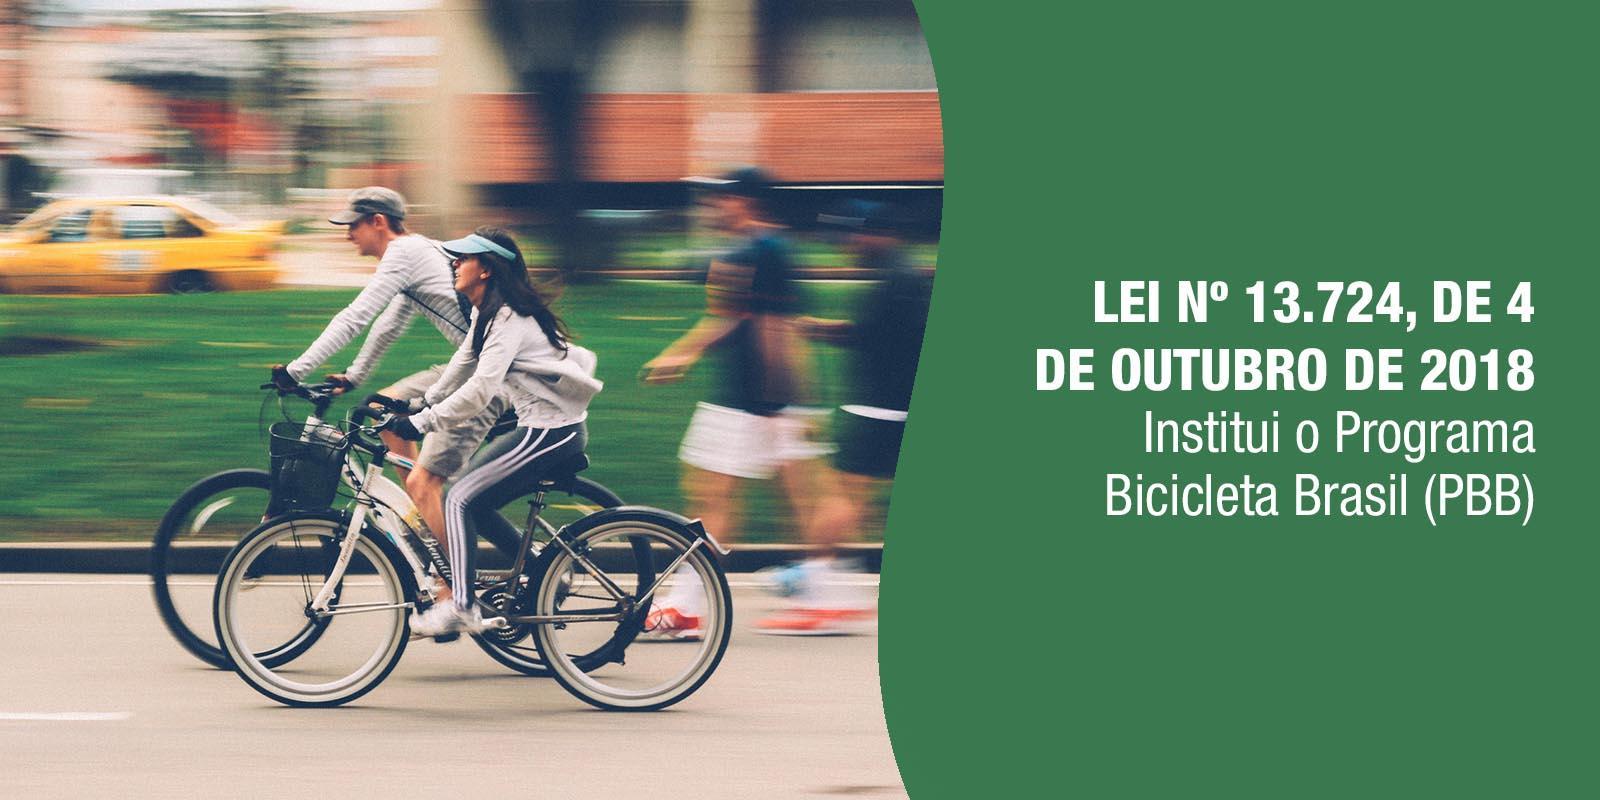 O objetivo é incentivar o uso da bicicleta visando a melhoria da mobilidade urbana.